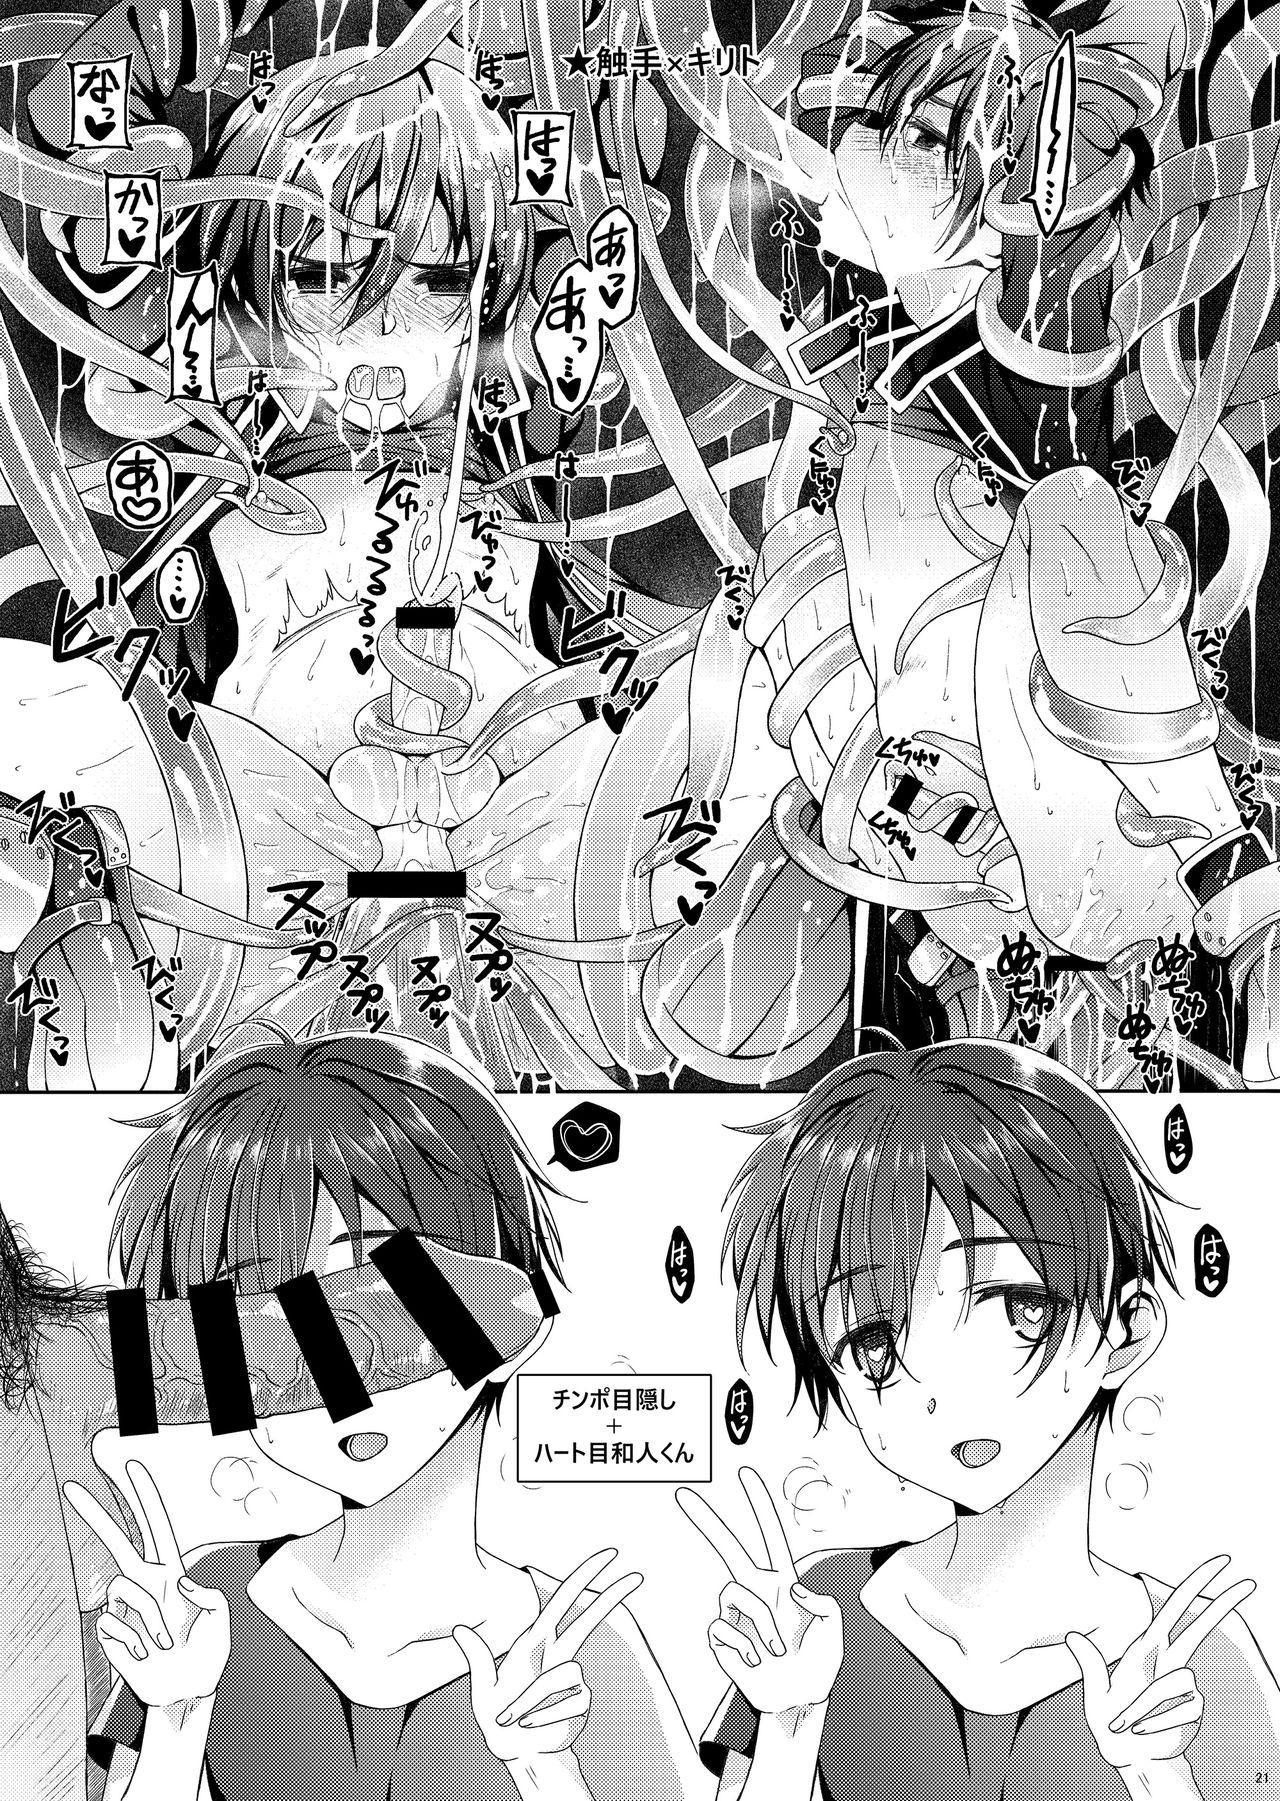 Kuro no Kenshi Ryoujoku 21